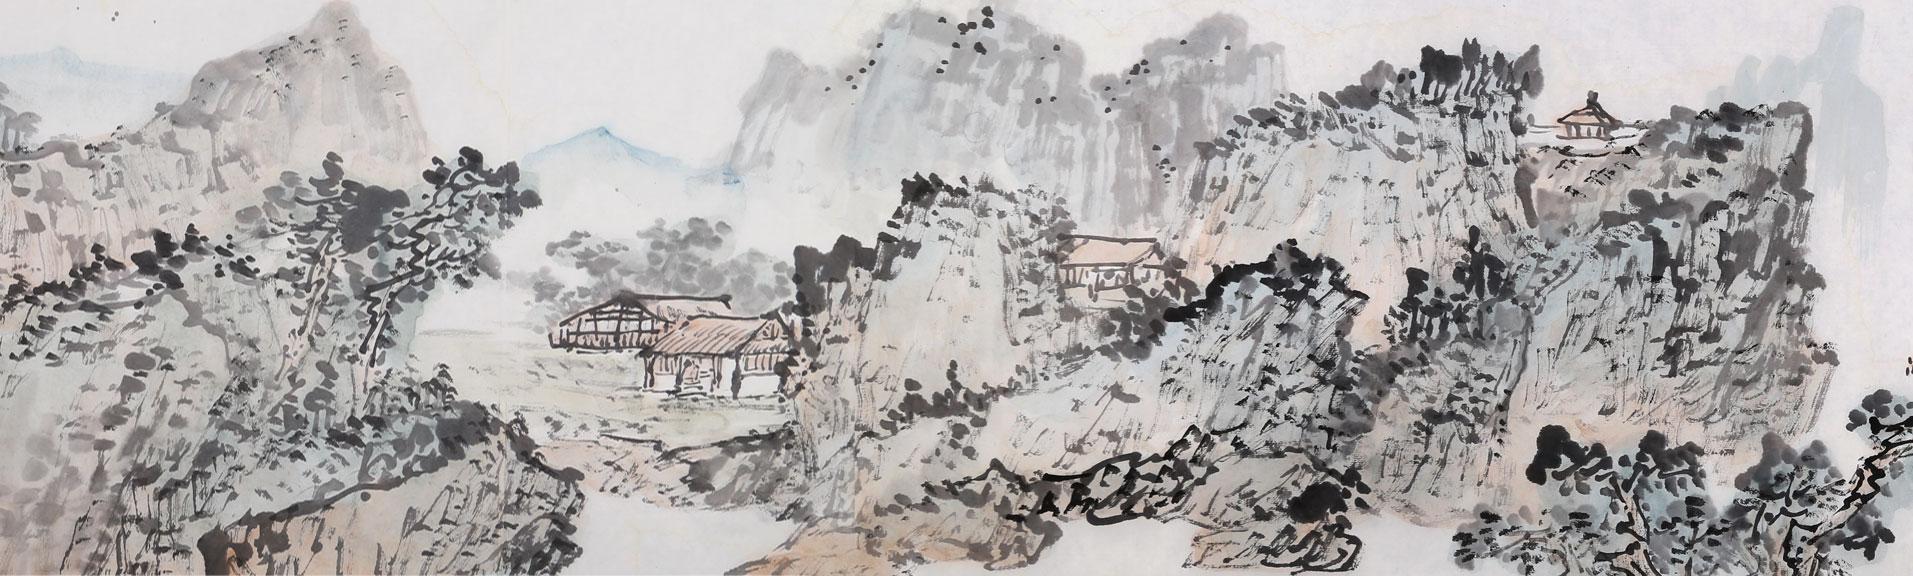 名家山水画长卷 送礼书画精品 - 书画礼品 - 99字画网图片